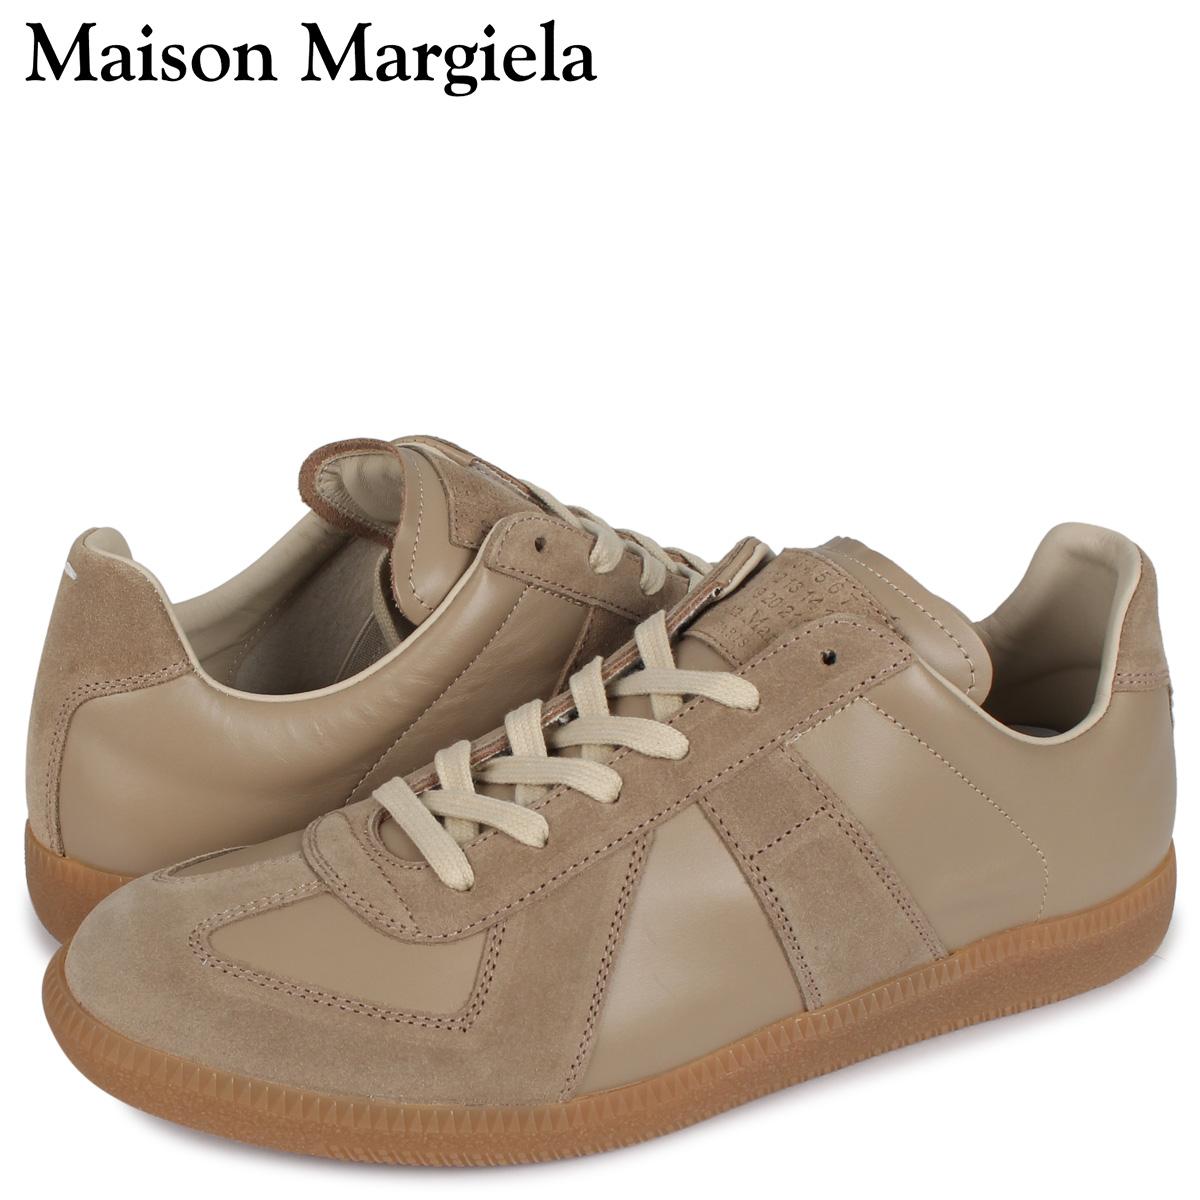 メゾンマルジェラ MAISON MARGIELA レプリカ スニーカー メンズ REPLICA LOW TOP ベージュ S57WS0236 [3/3 新入荷]